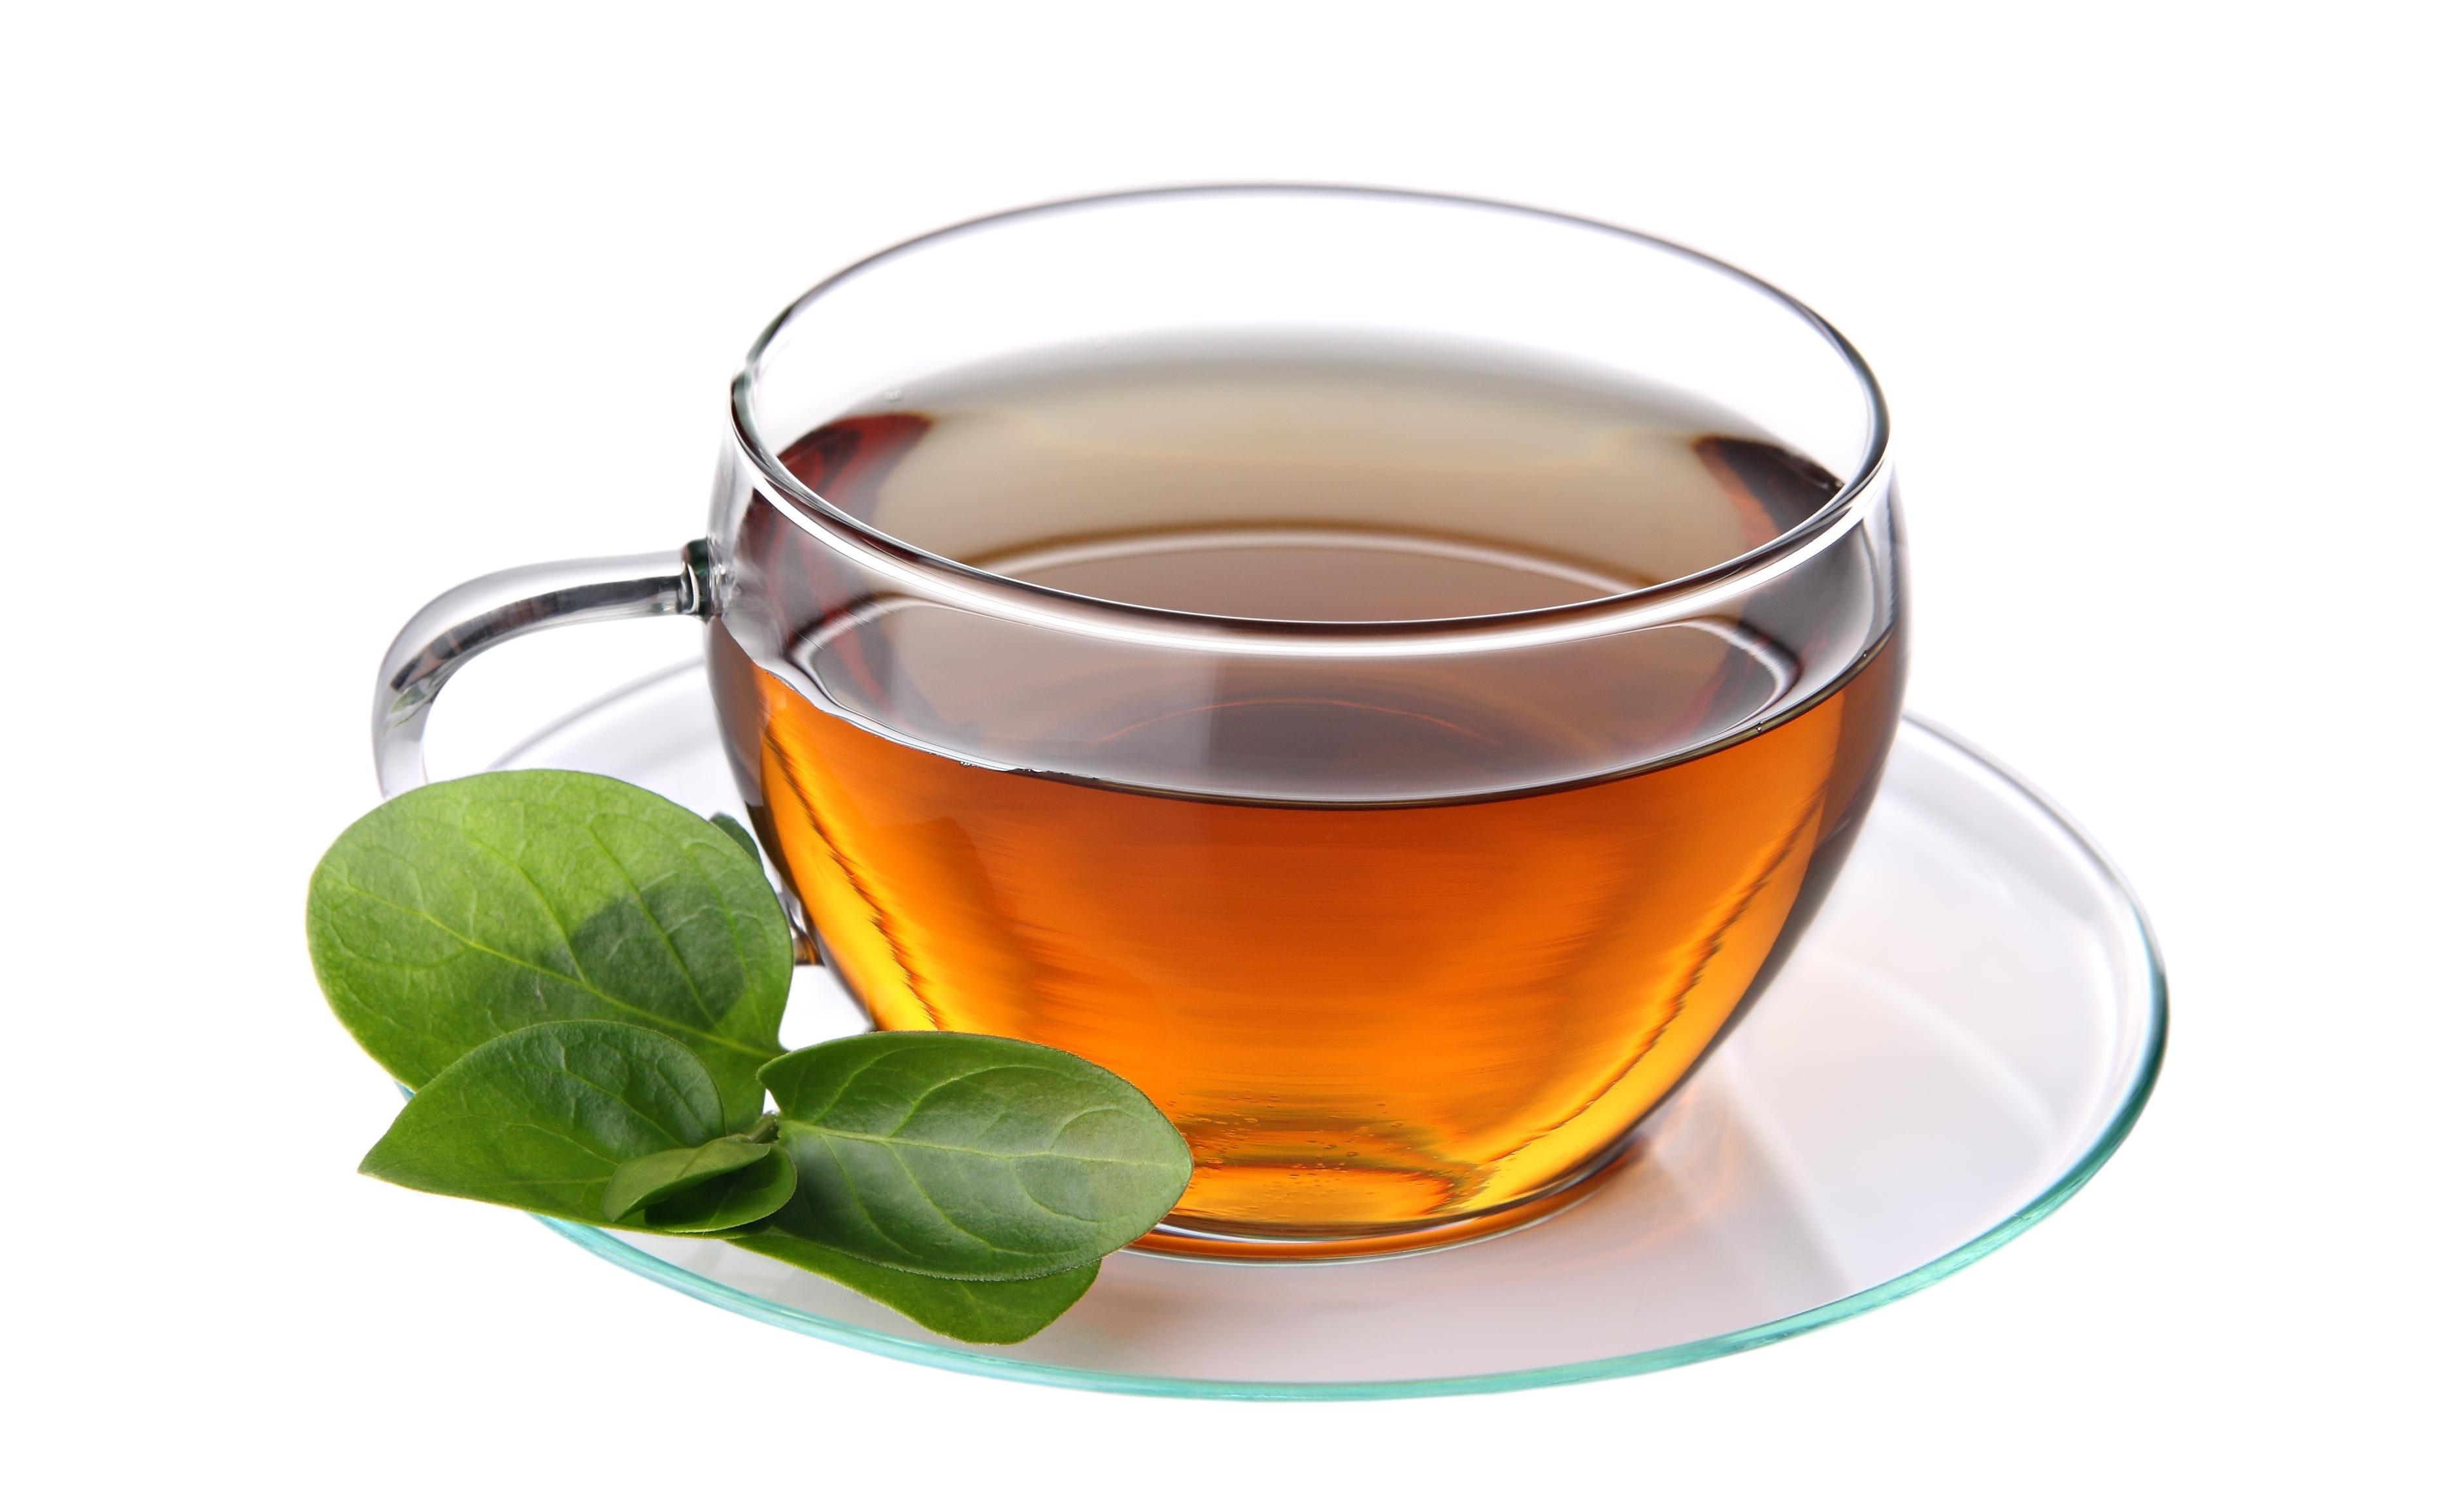 Сколько Калорий В Травяном Чае Без Сахара - детально о чае